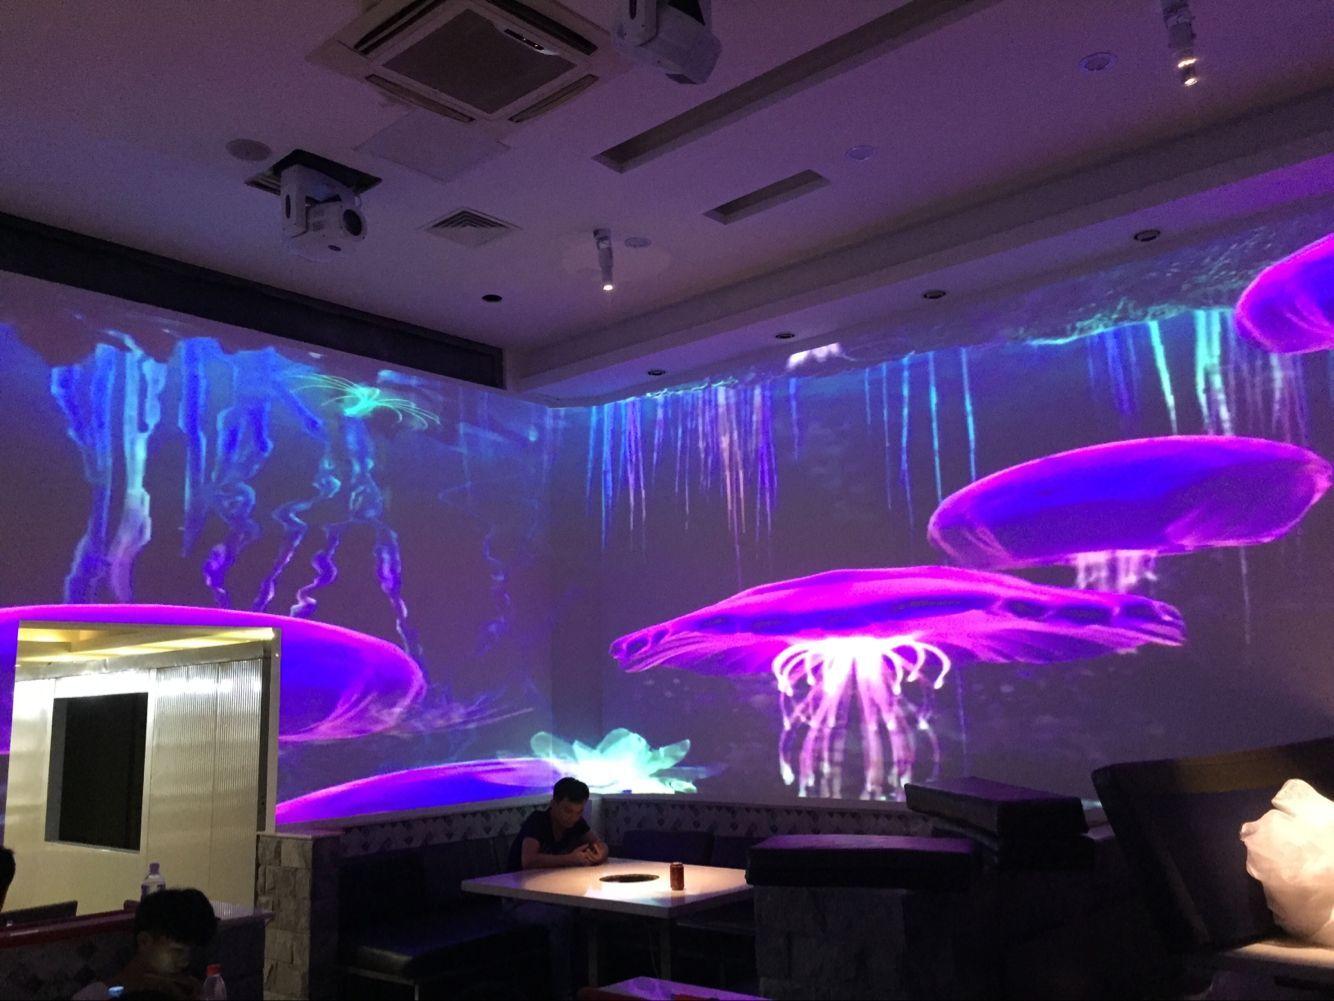 河北个性光影餐厅餐厅投影 上海音维电子科技供应「上海音维电子科技供应」